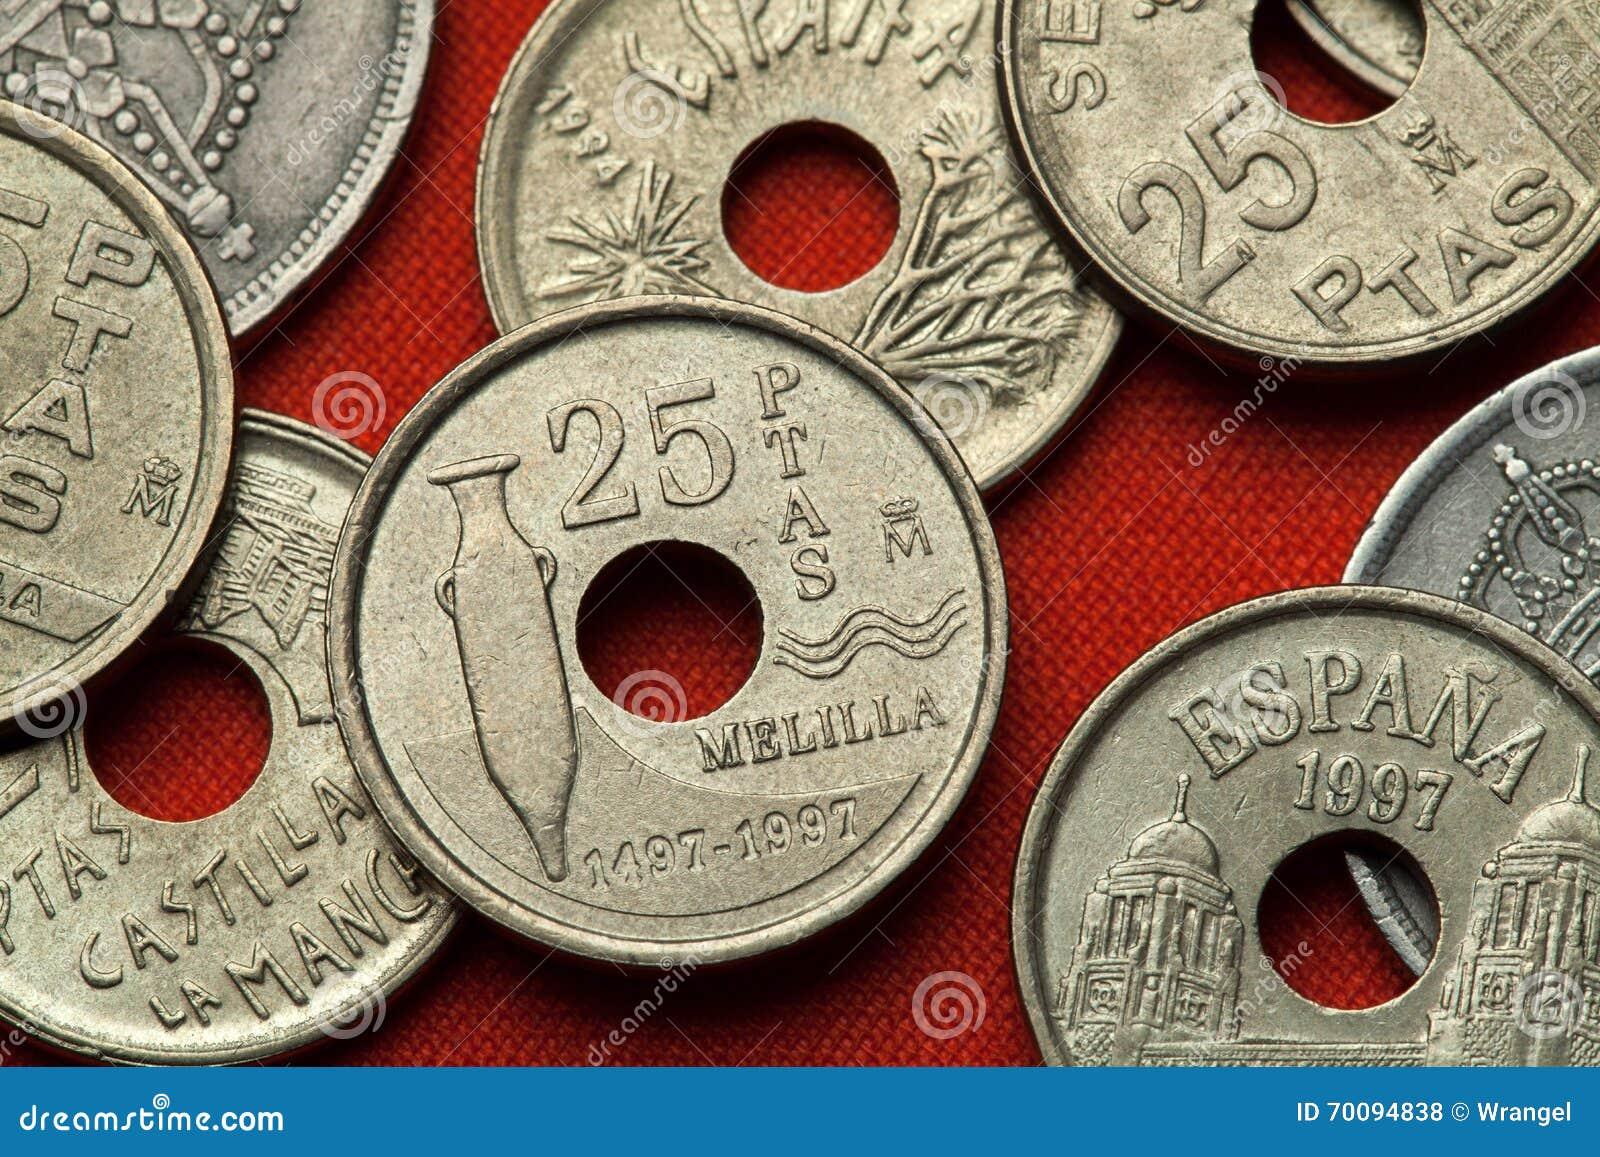 Münzen Von Spanien Phönizische Amphore Melilla Stockfoto Bild Von